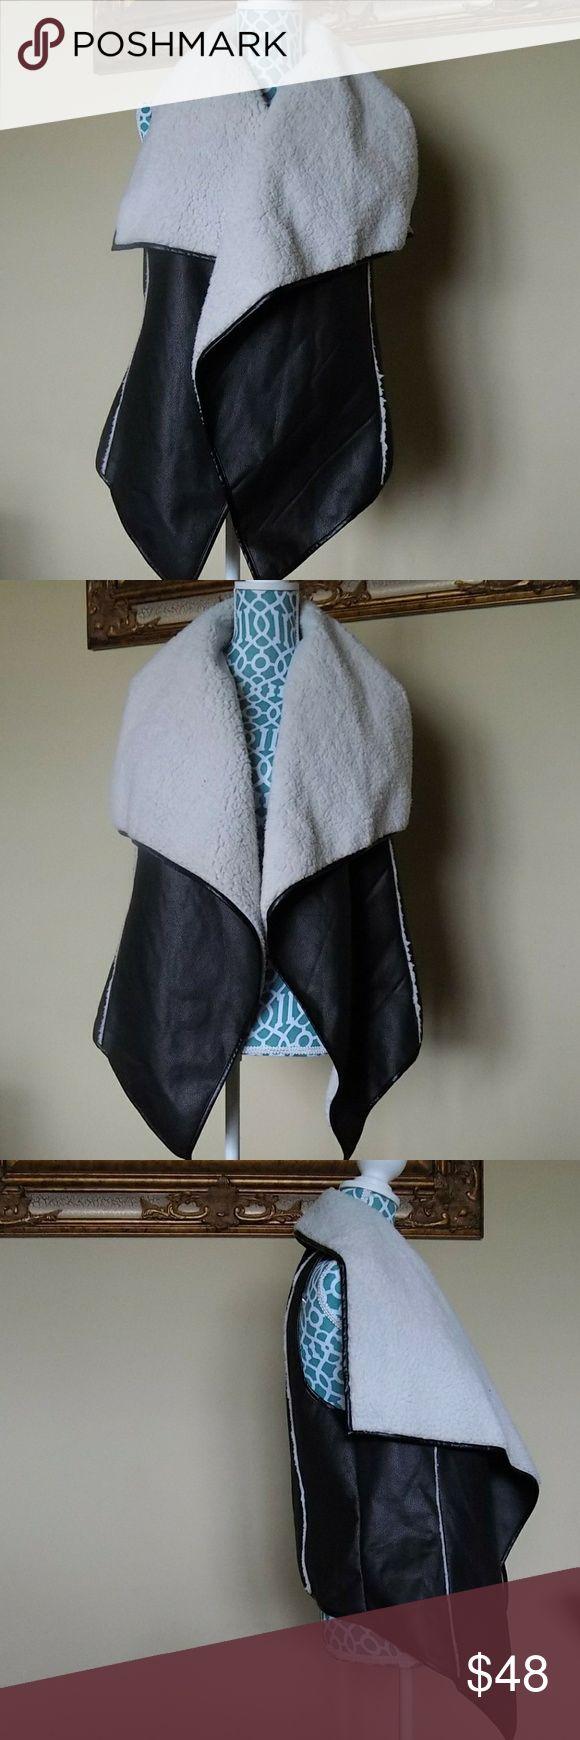 Giani Bini Black Fur Vest Giani Bini Black Fur Vest never worn Gianni Bini Jackets & Coats Vests